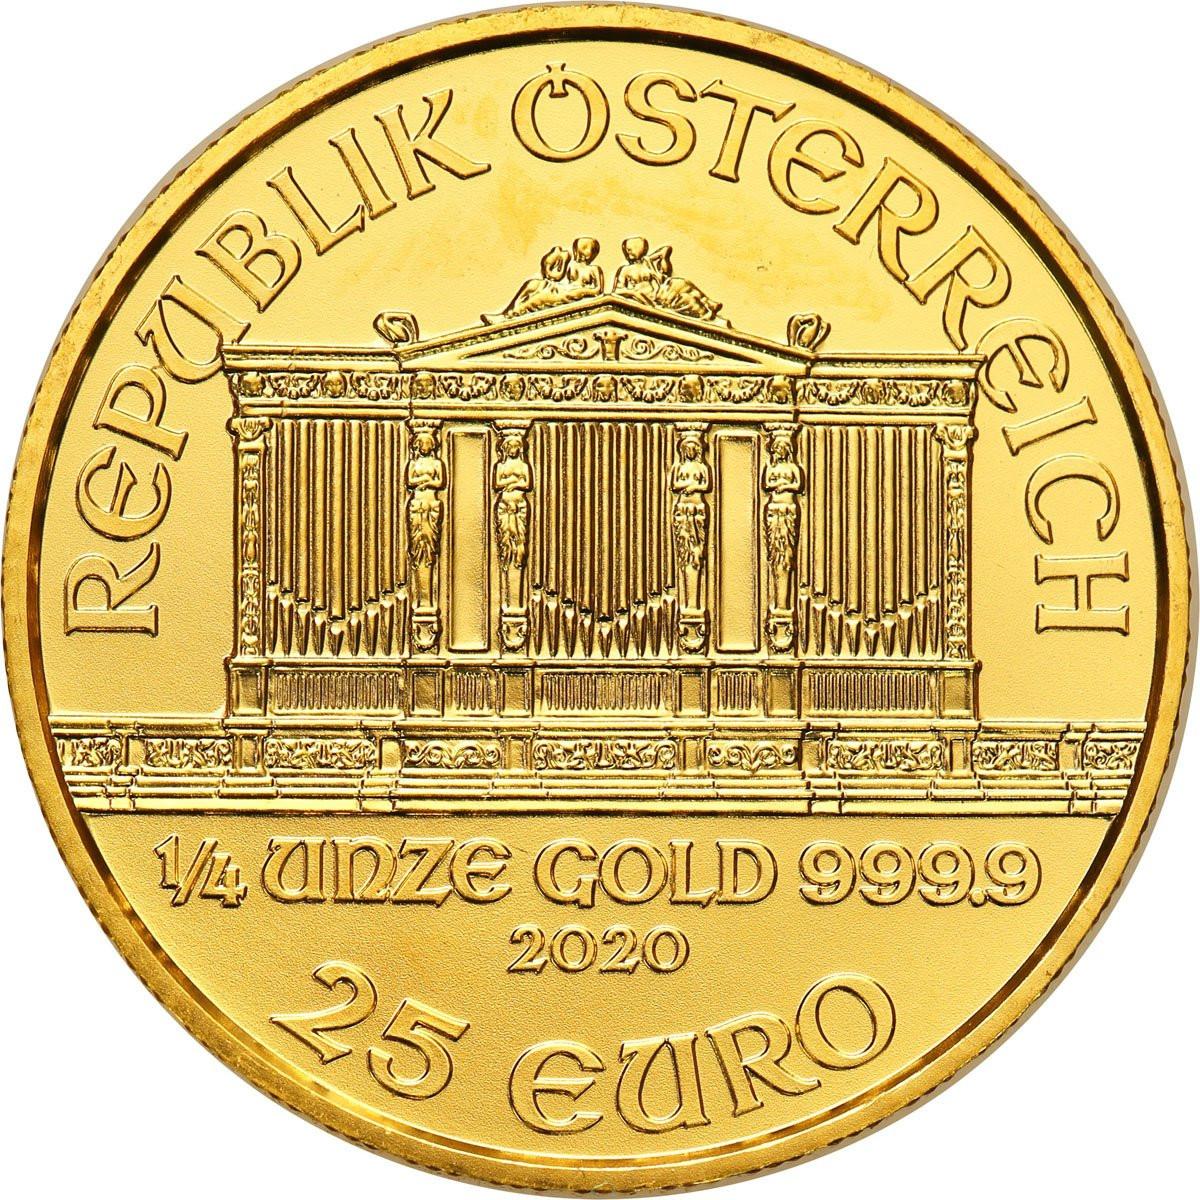 Austria 25 Euro 2005 Filharmonia - 1/4 uncji złota - st. 1